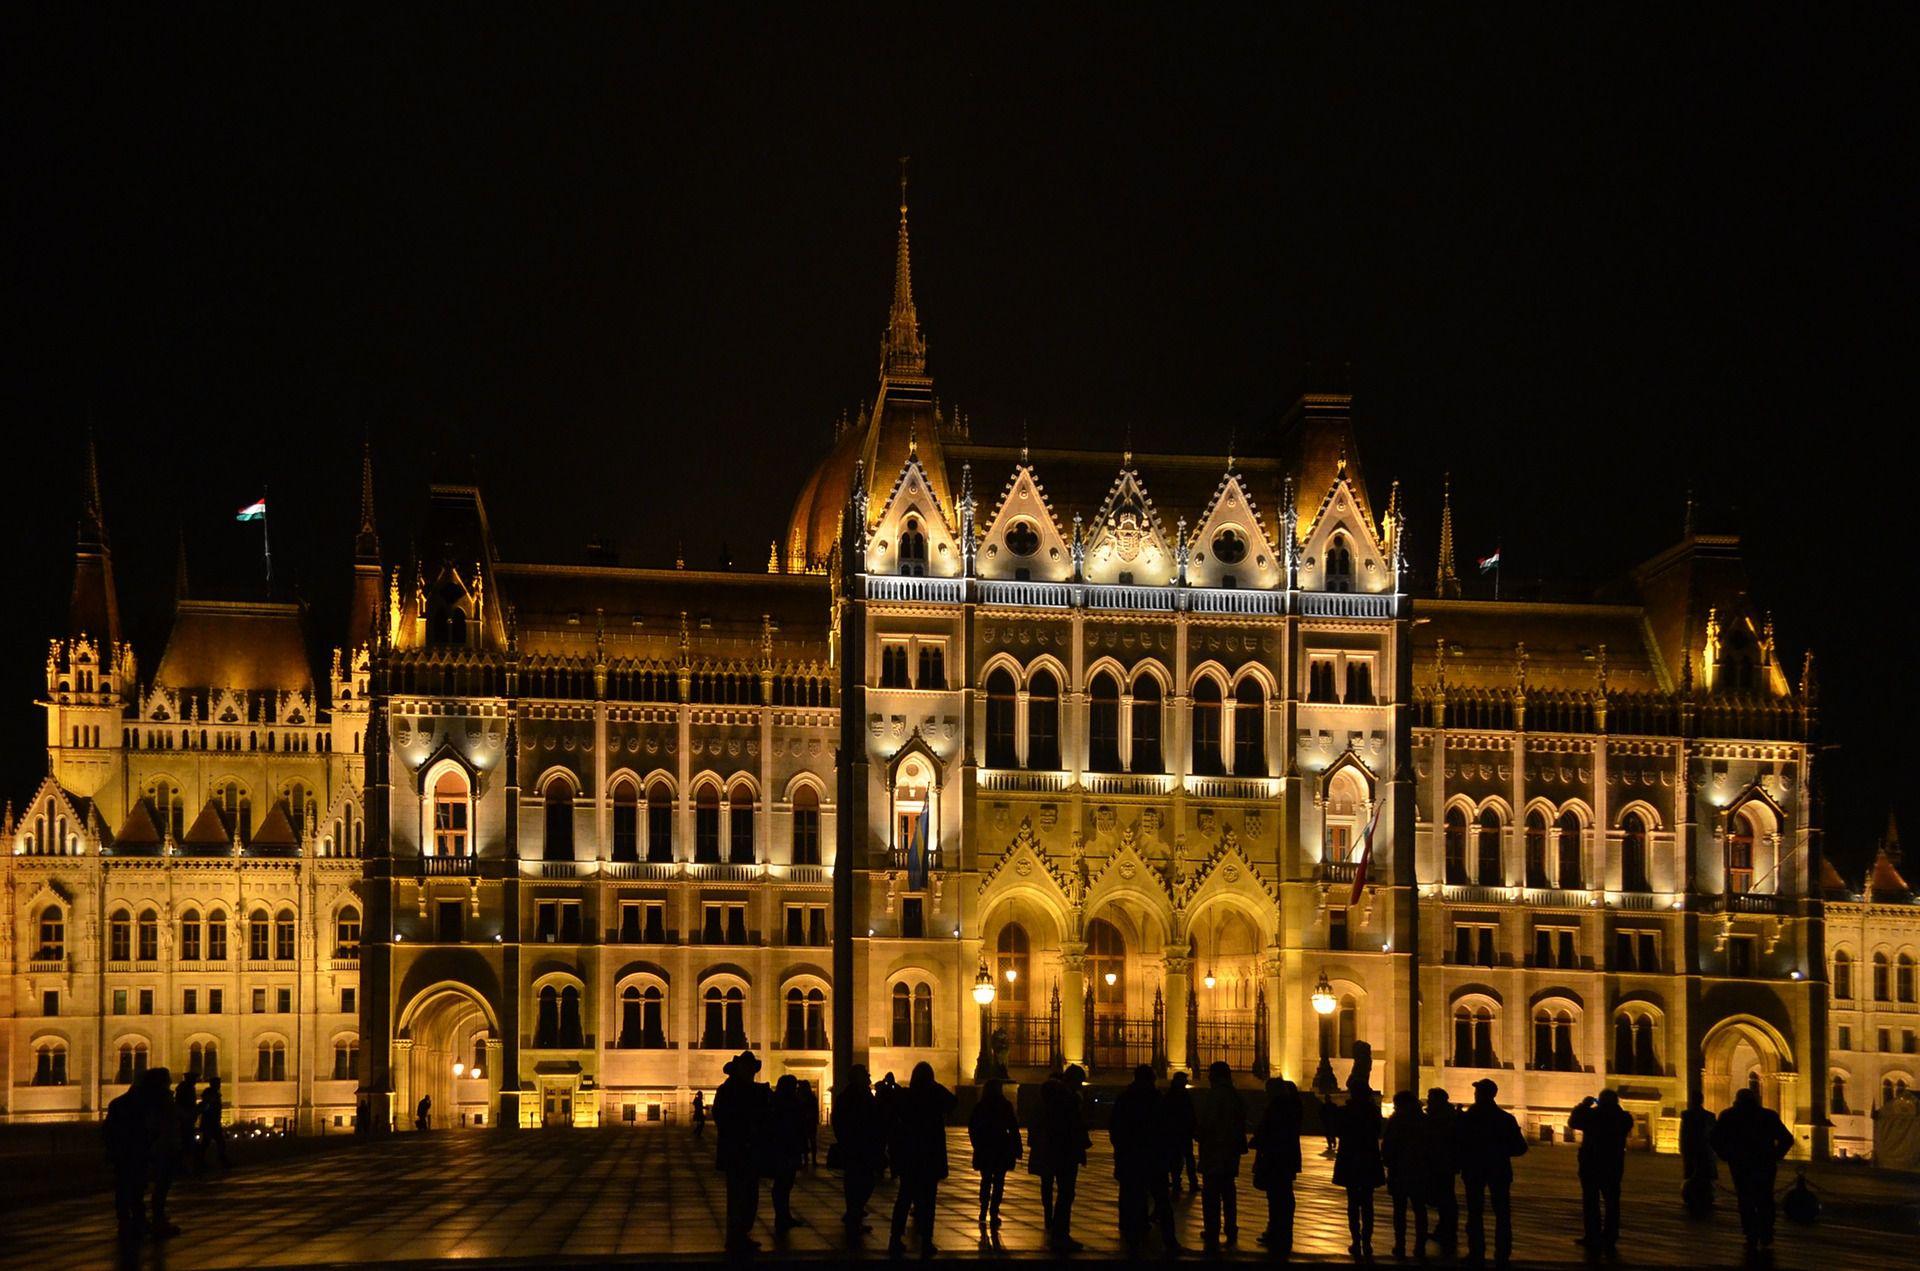 ハンガリー首都ブダペストでおすすめの夜景イルミネーション!珠玉の宝石が輝く人気夜景スポット